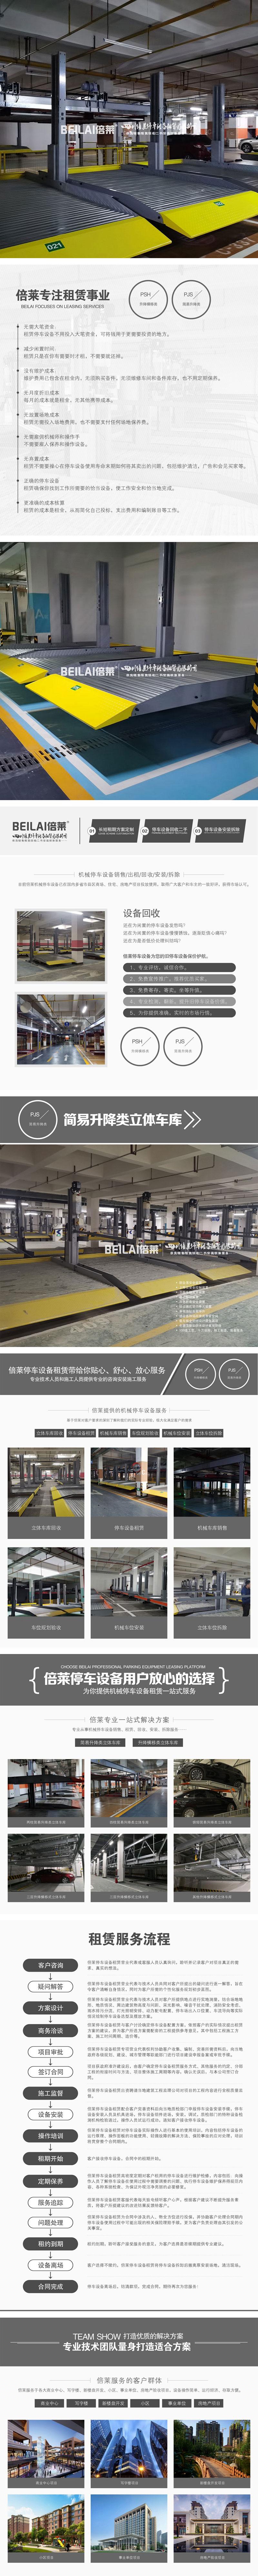 甘肅機械車位改造蒼溪停車設備倍萊立體停車設備